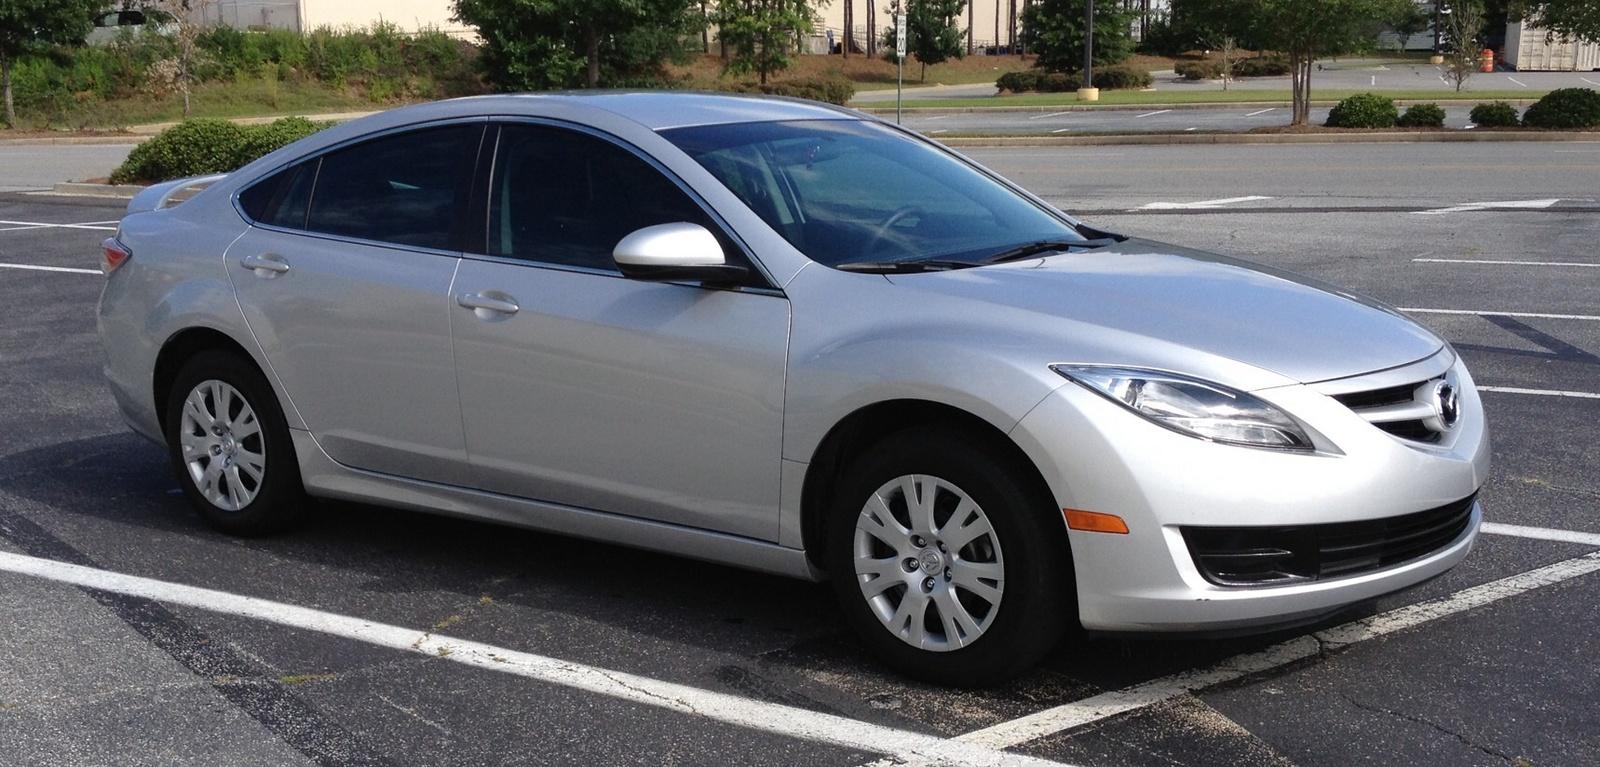 2012 Mazda Mazda6 Pictures Cargurus